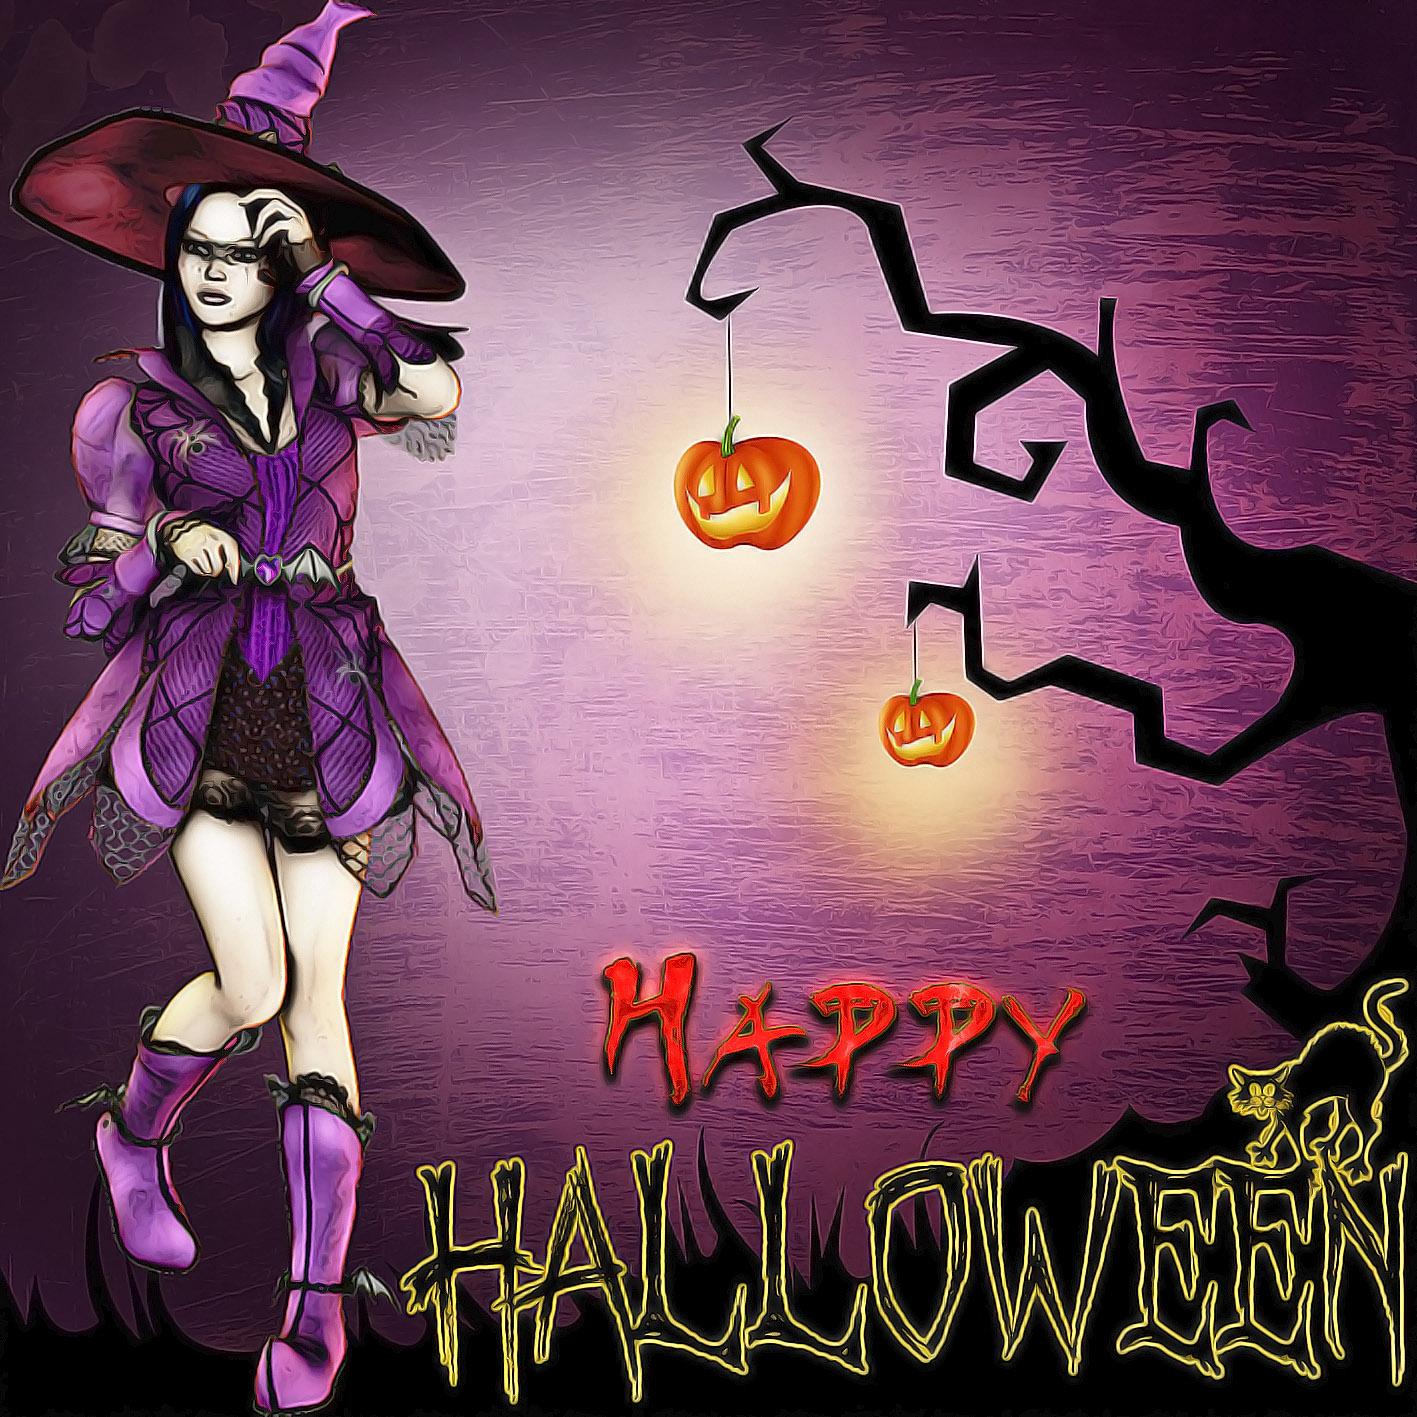 Утро марина, открытки к хэллоуину на английском